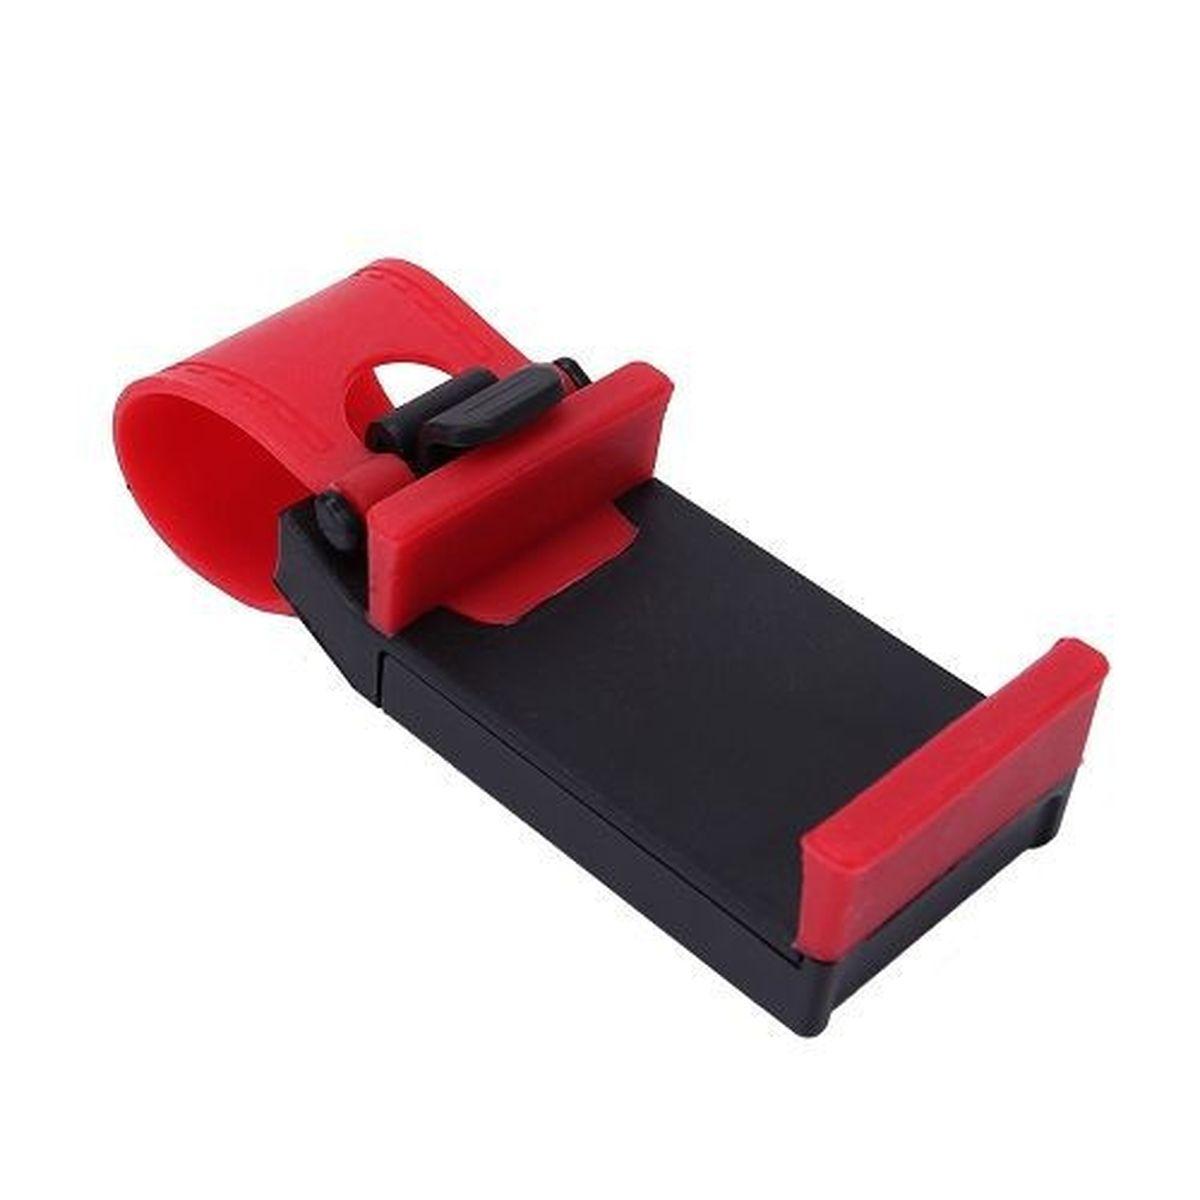 Держатель автомобильный Оранжевый слоник, для телефона, цвет: красныйACL0002RДержатель устанавливается на автомобильный руль при помощи ремня, выполненного из термопластичной резины. Держатель изготовлен из высококачественного ABS пластика. Ударопрочная противоскользящая конструкция гарантирует удобство пользования и сохранность вашего устройства.Максимальное расширение зажима: 7,5 см.